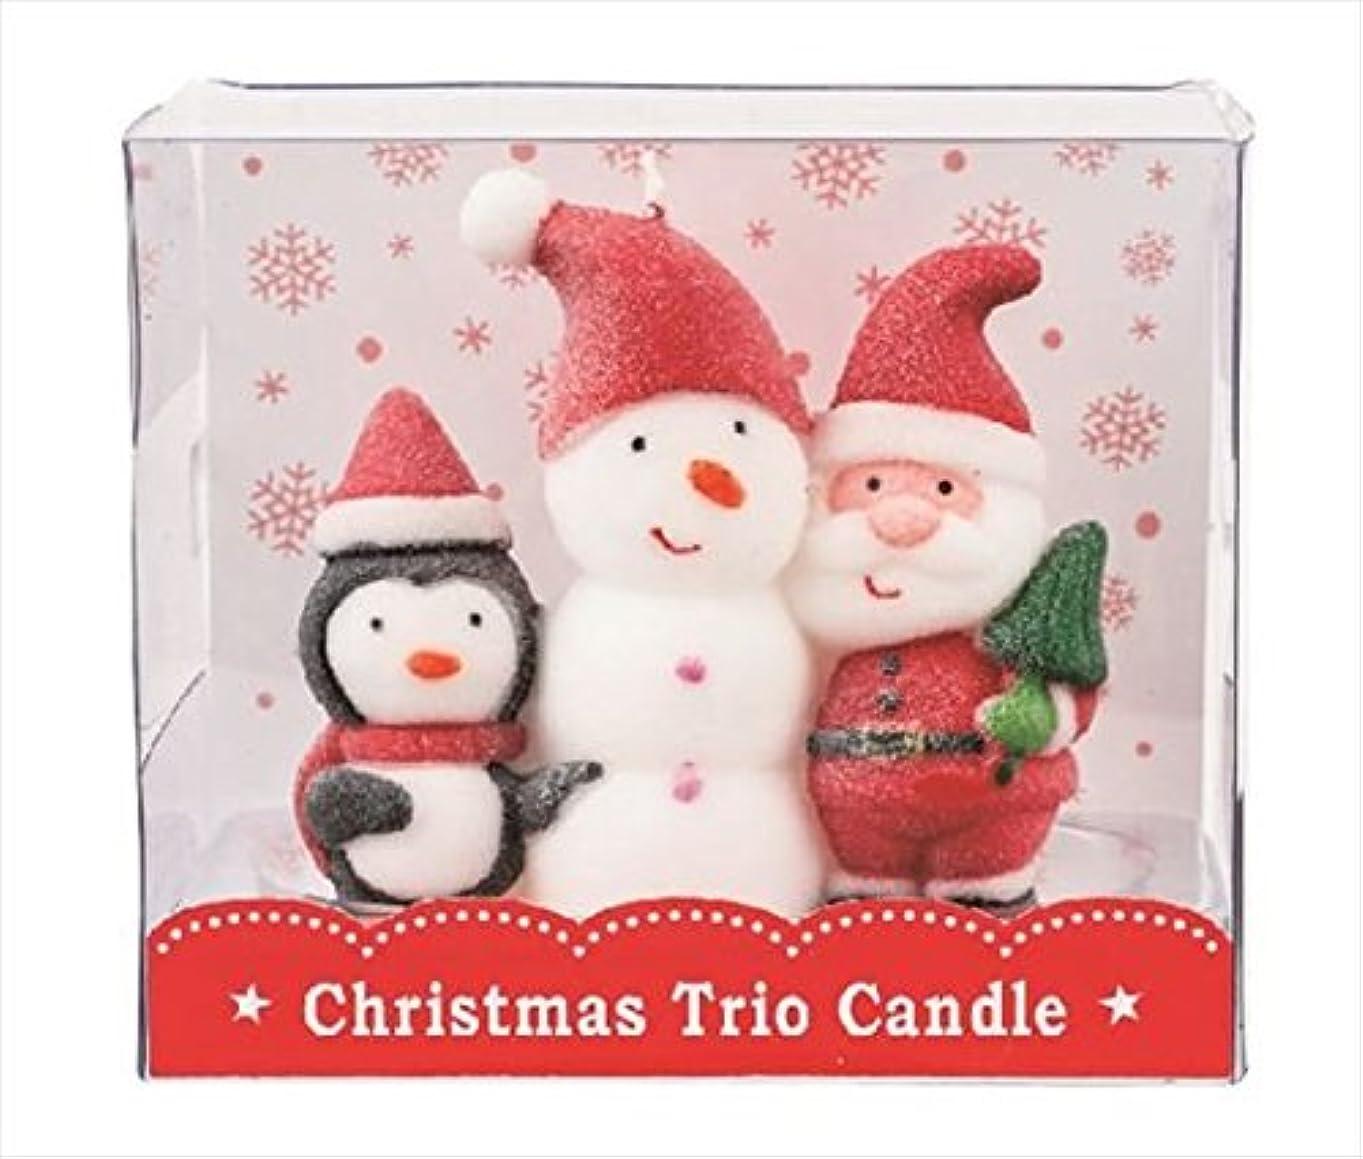 メトロポリタン圧縮する超えるkameyama candle(カメヤマキャンドル) クリスマストリオキャンドル 「 スノーマン 」(A3220010)